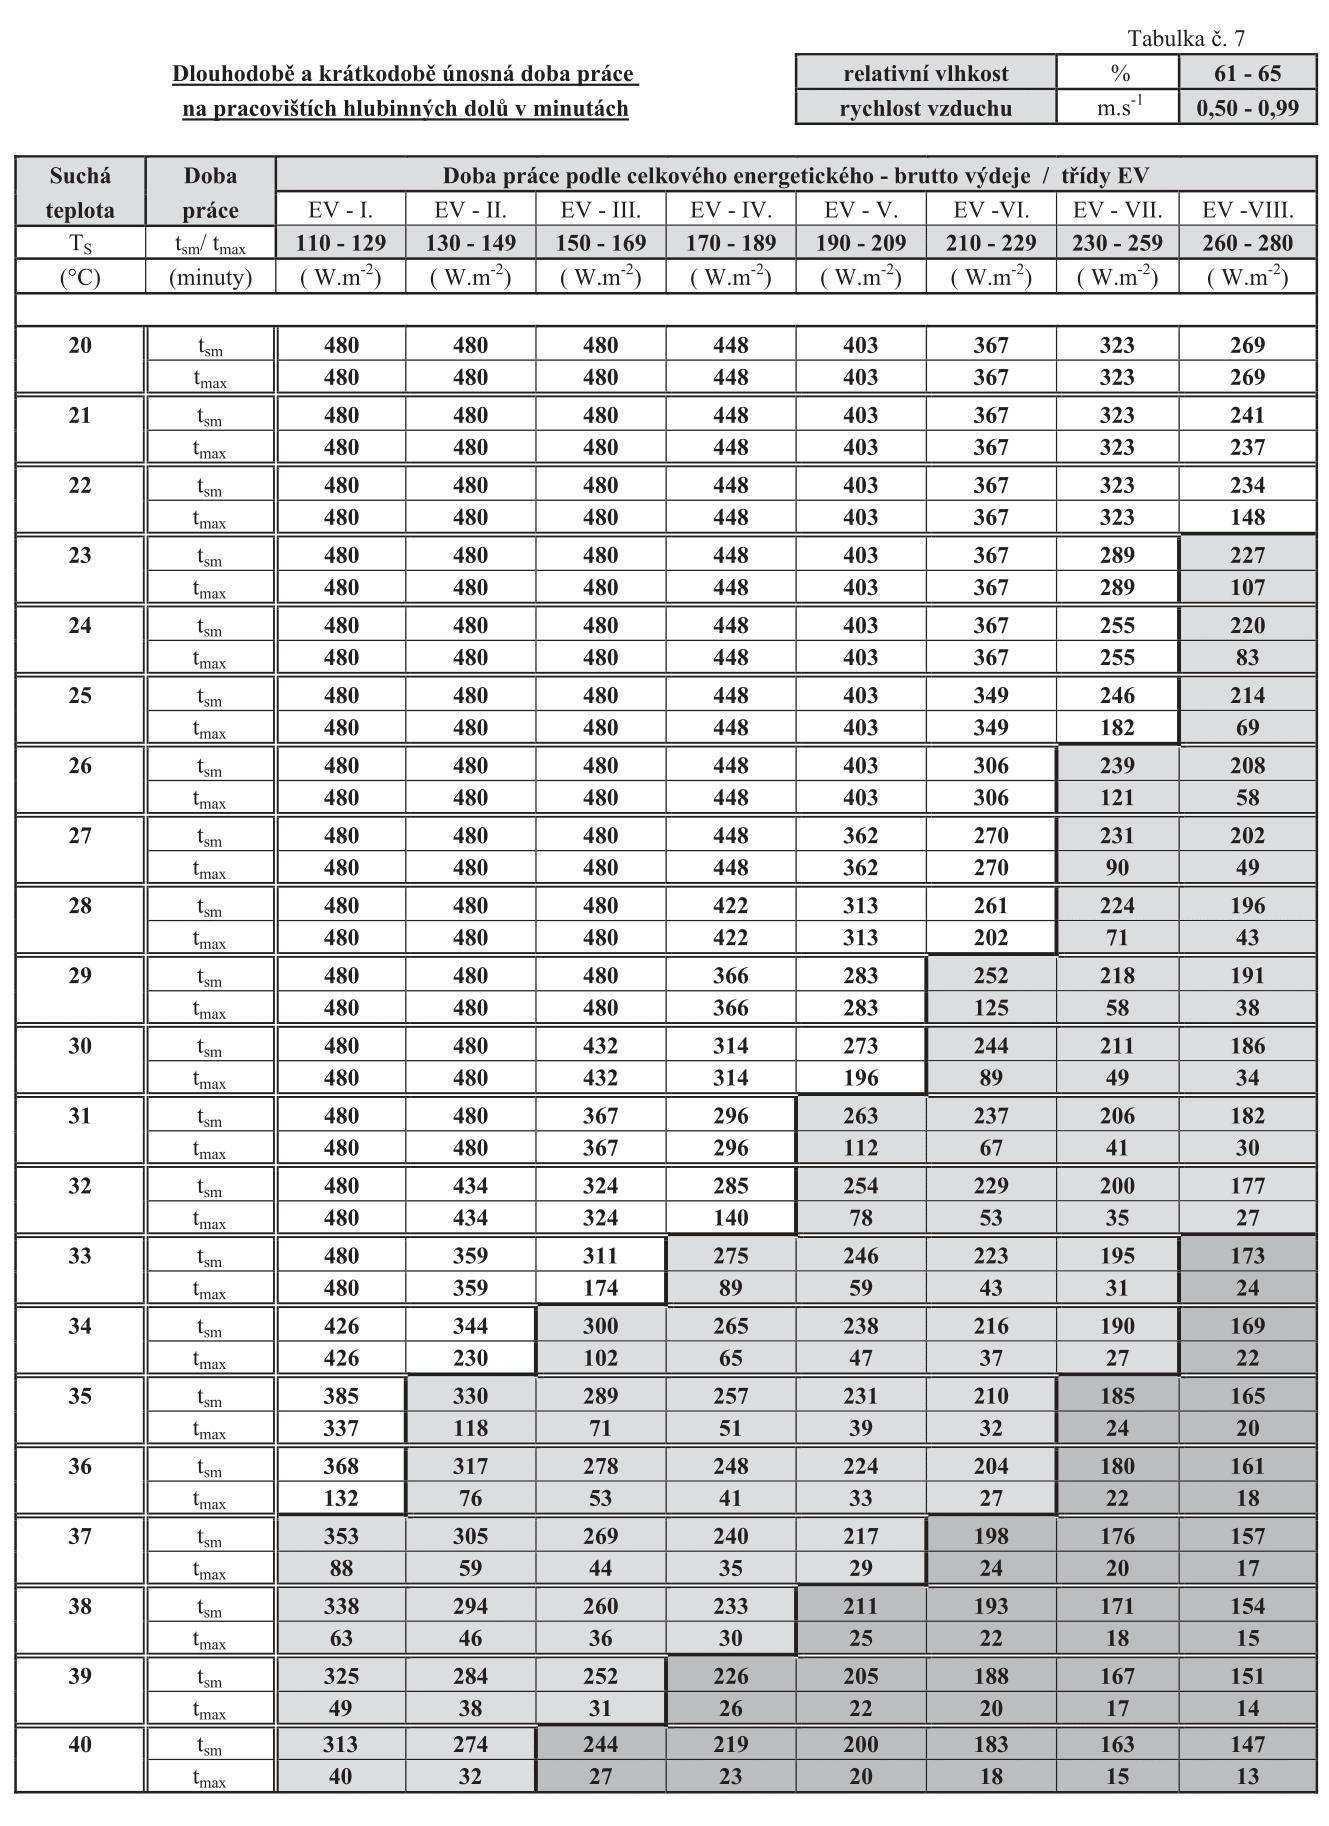 SYLVANIA trubice 30W /865 G13 895mm - patice G13 příkon 30 W zdroje lineární zářivka životnost 20000 hod délka 895 mm index barevného podání 80-89.